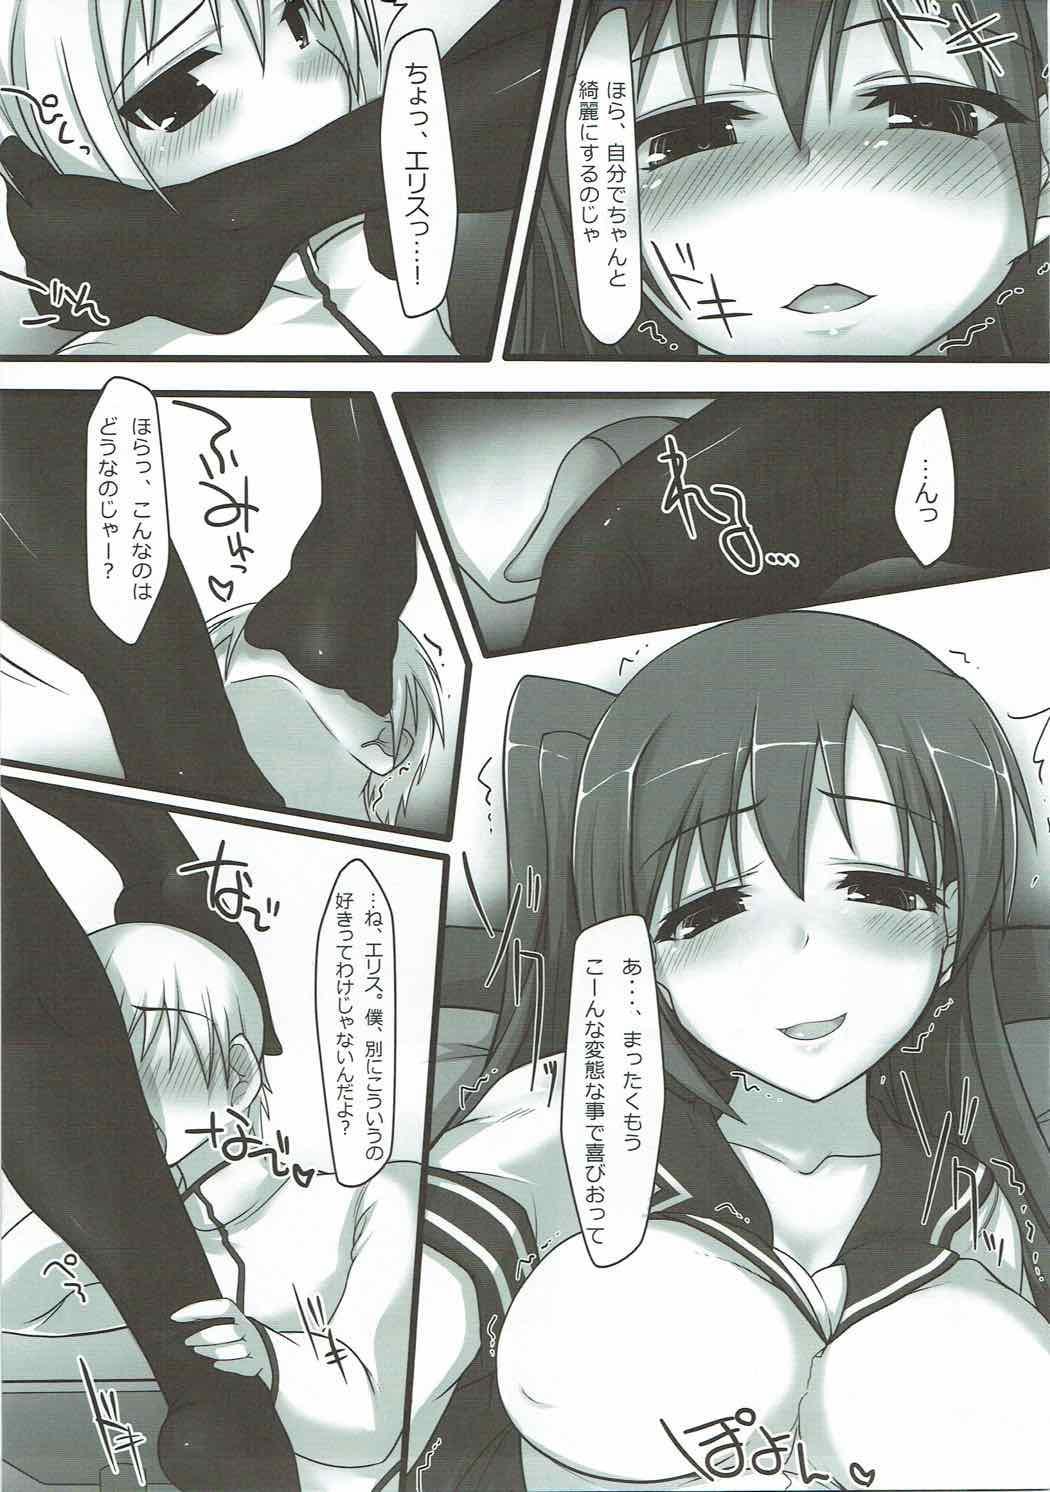 Eris-sama ga Yome ni Kita! 5